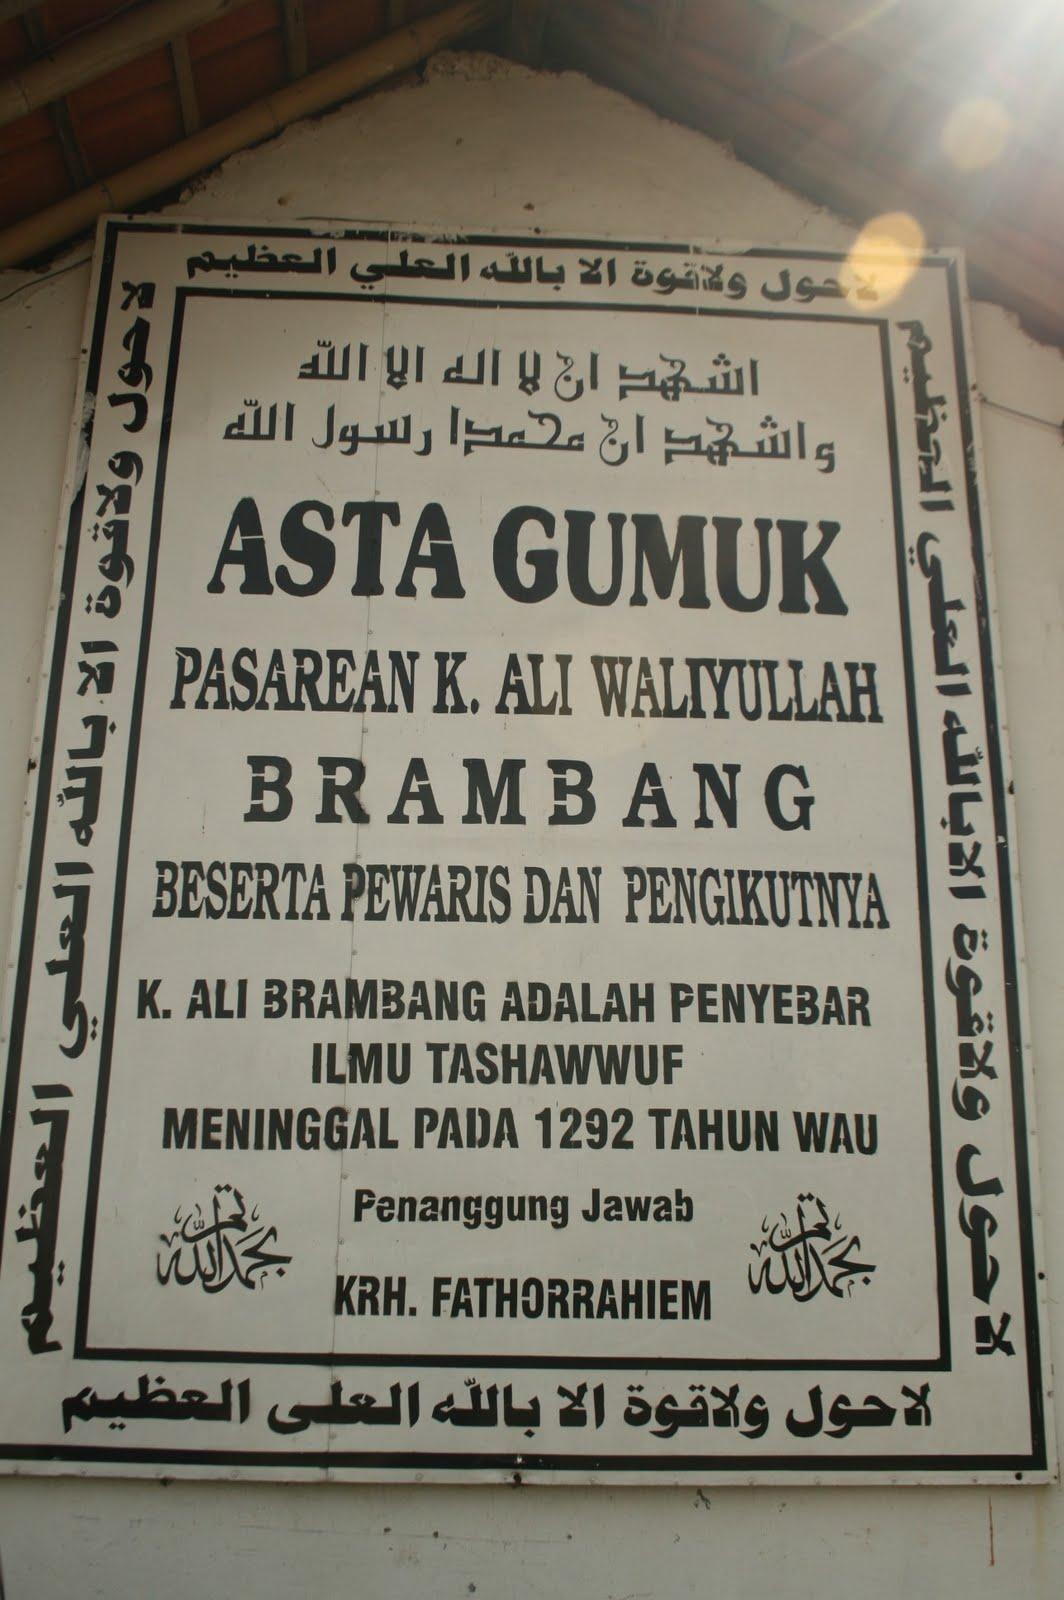 Wisata Religi Sumenep Asta Gumuk Ramuan Madura Tongkat Sayangnya Menurut